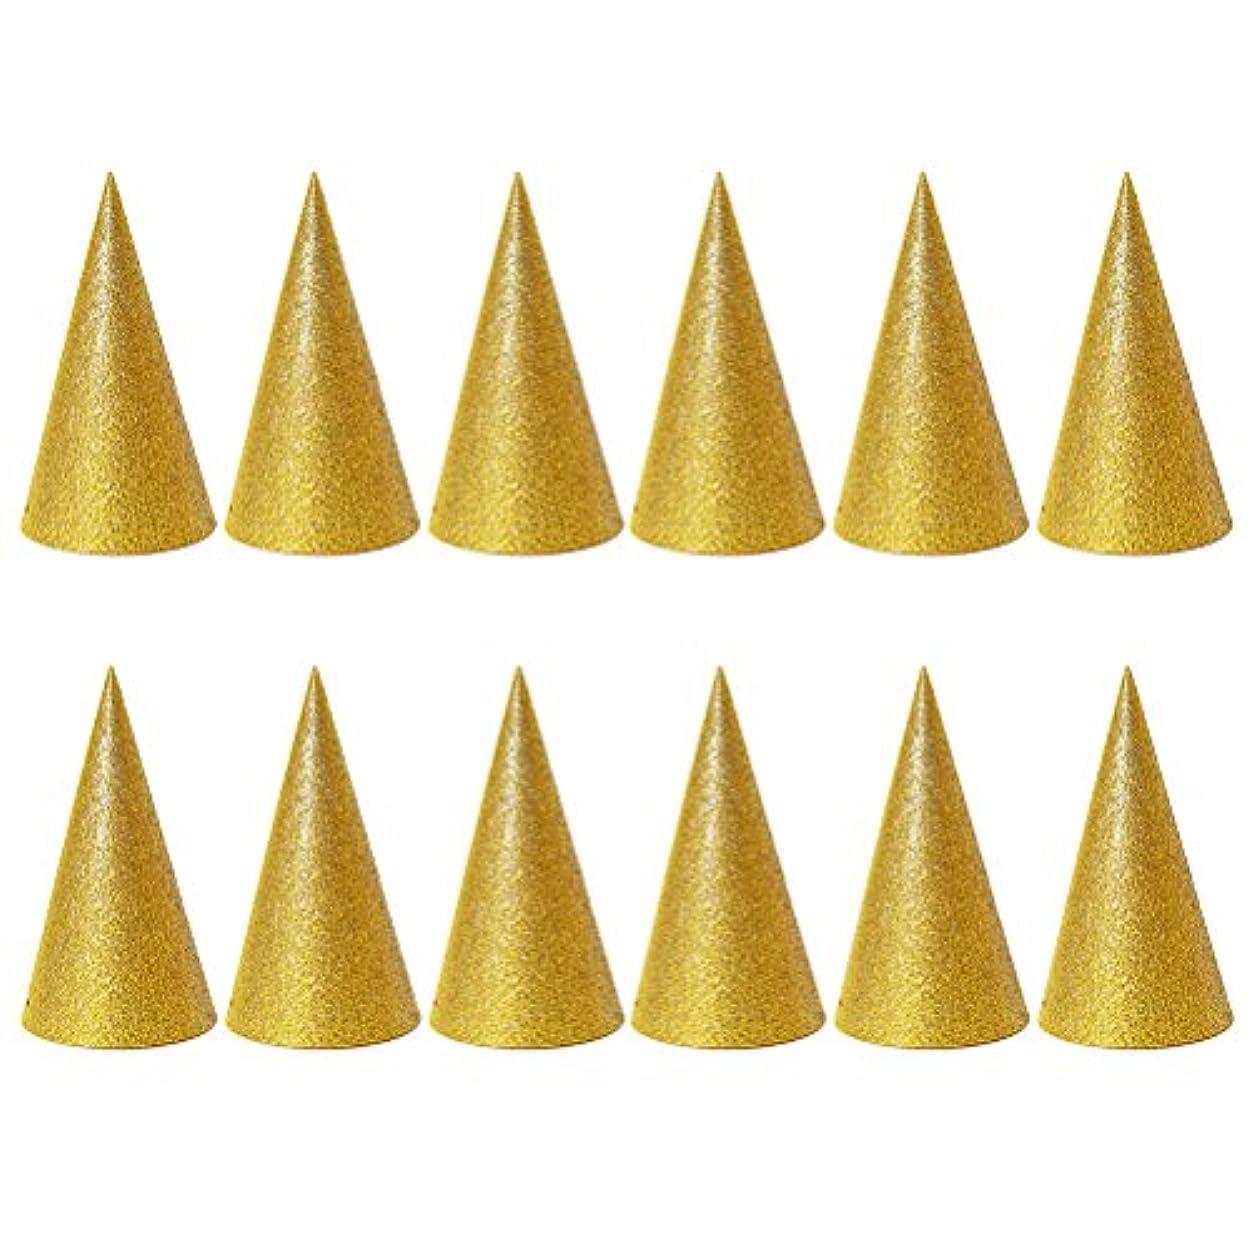 アピール舌なメダルSUPVOX 子供と大人のパーティーのための12個のキラキラコーンパーティー帽子トライアングルバースデー帽子は装飾を飾ります(ゴールデン)